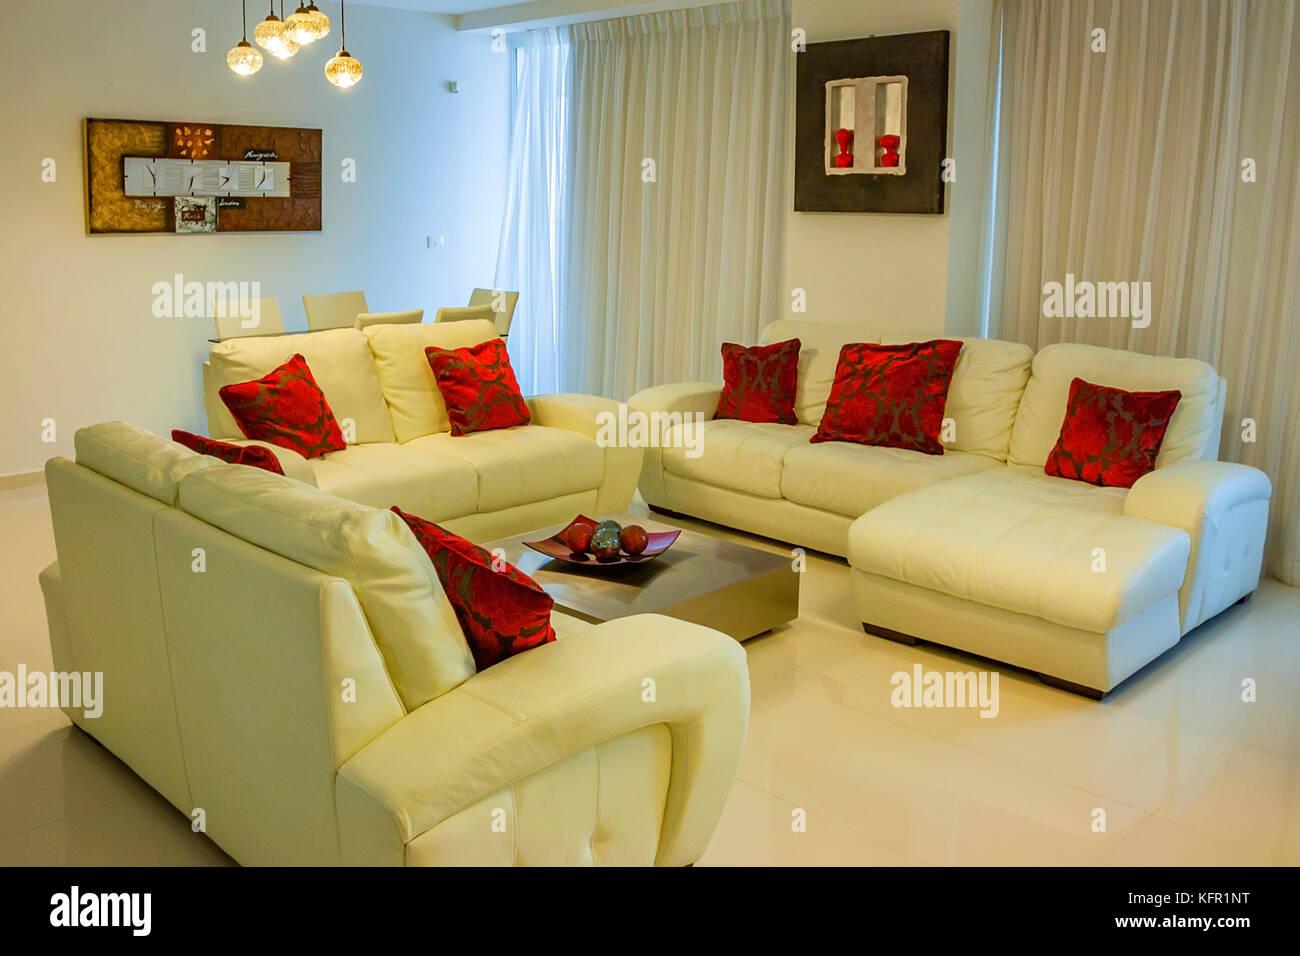 Divani Bianchi Moderni : Interno di un moderno hotel area di attesa con divani bianchi un